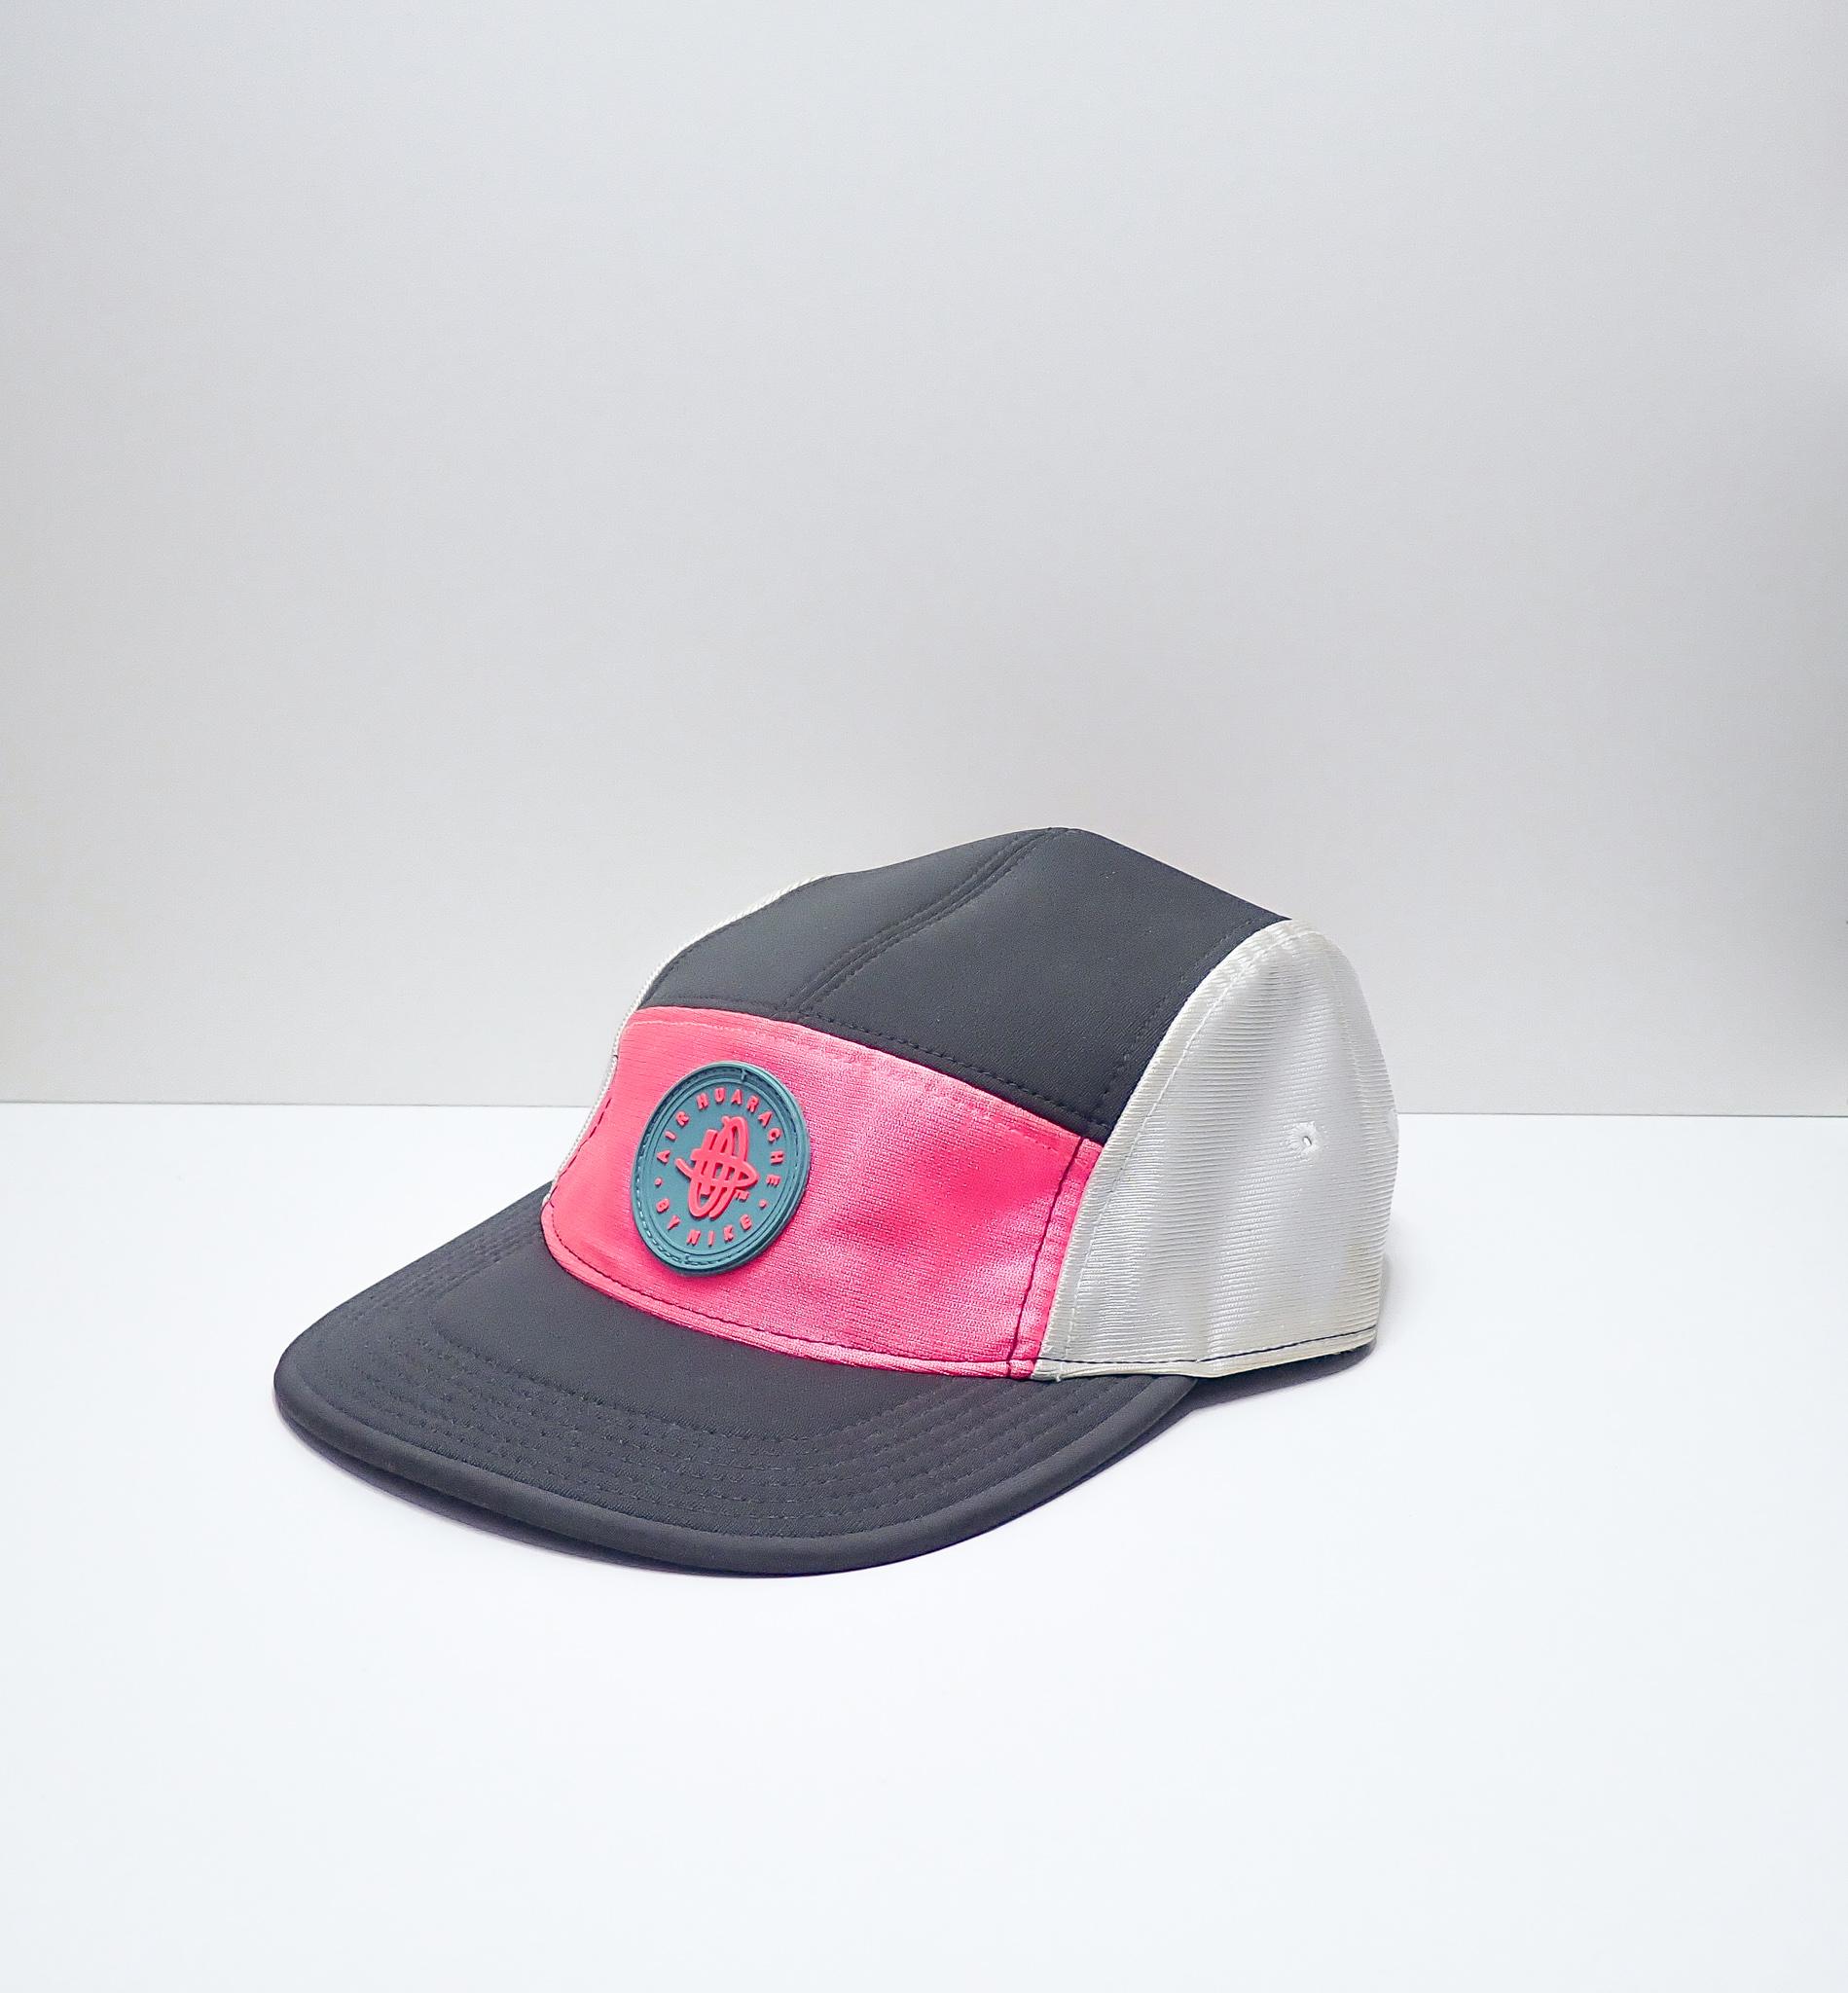 Nike Air Huarache Cap